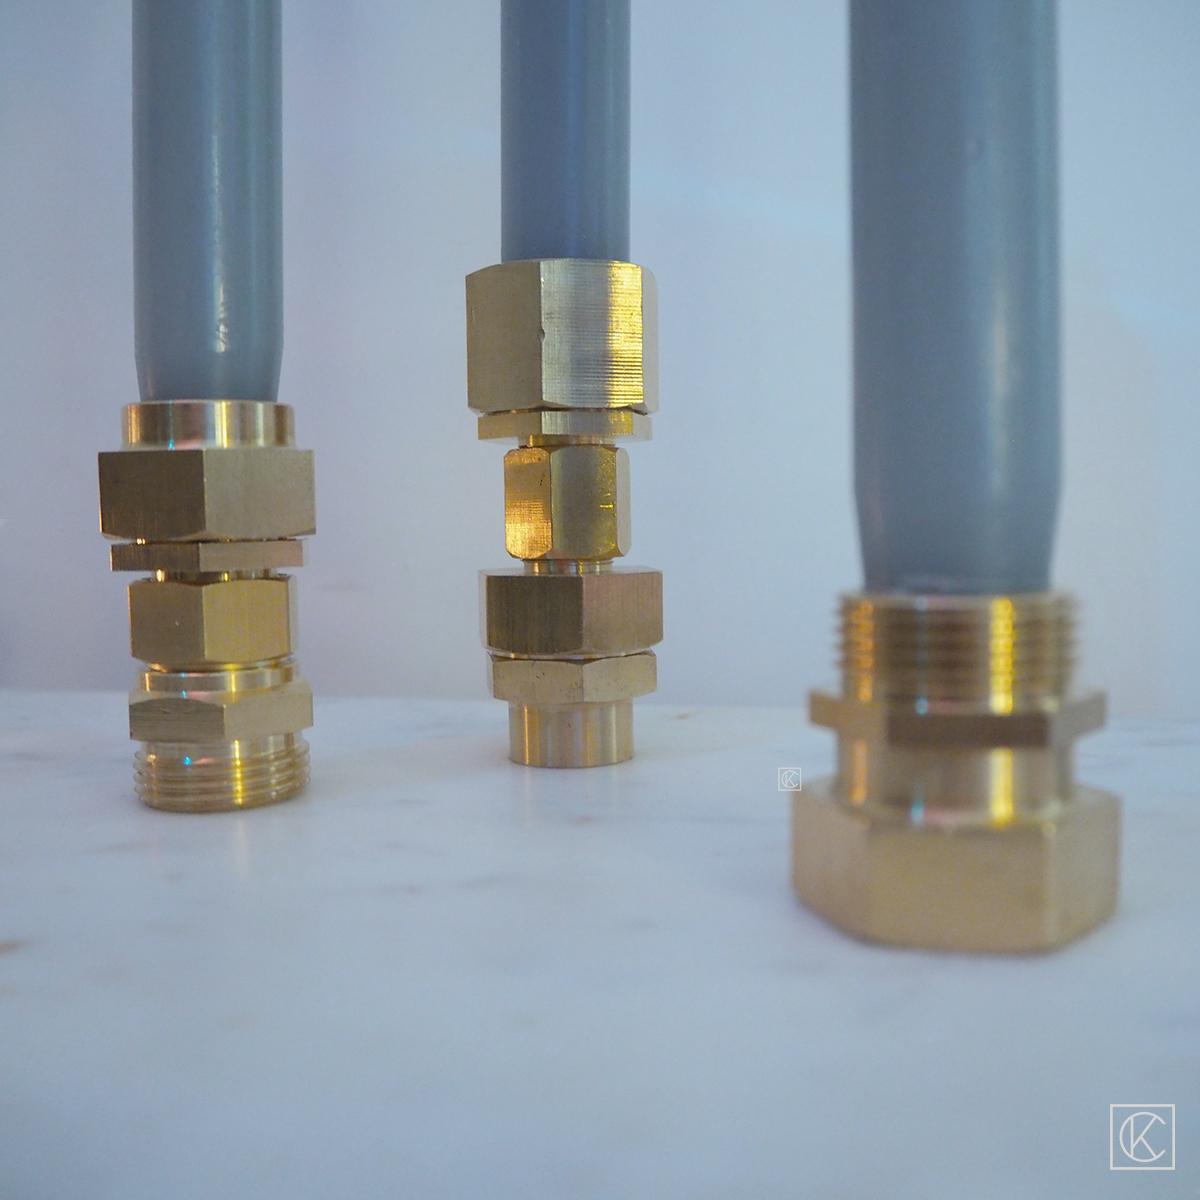 diy-bougeoir-plomberie-laiton-kraftandcarat-16b.jpg